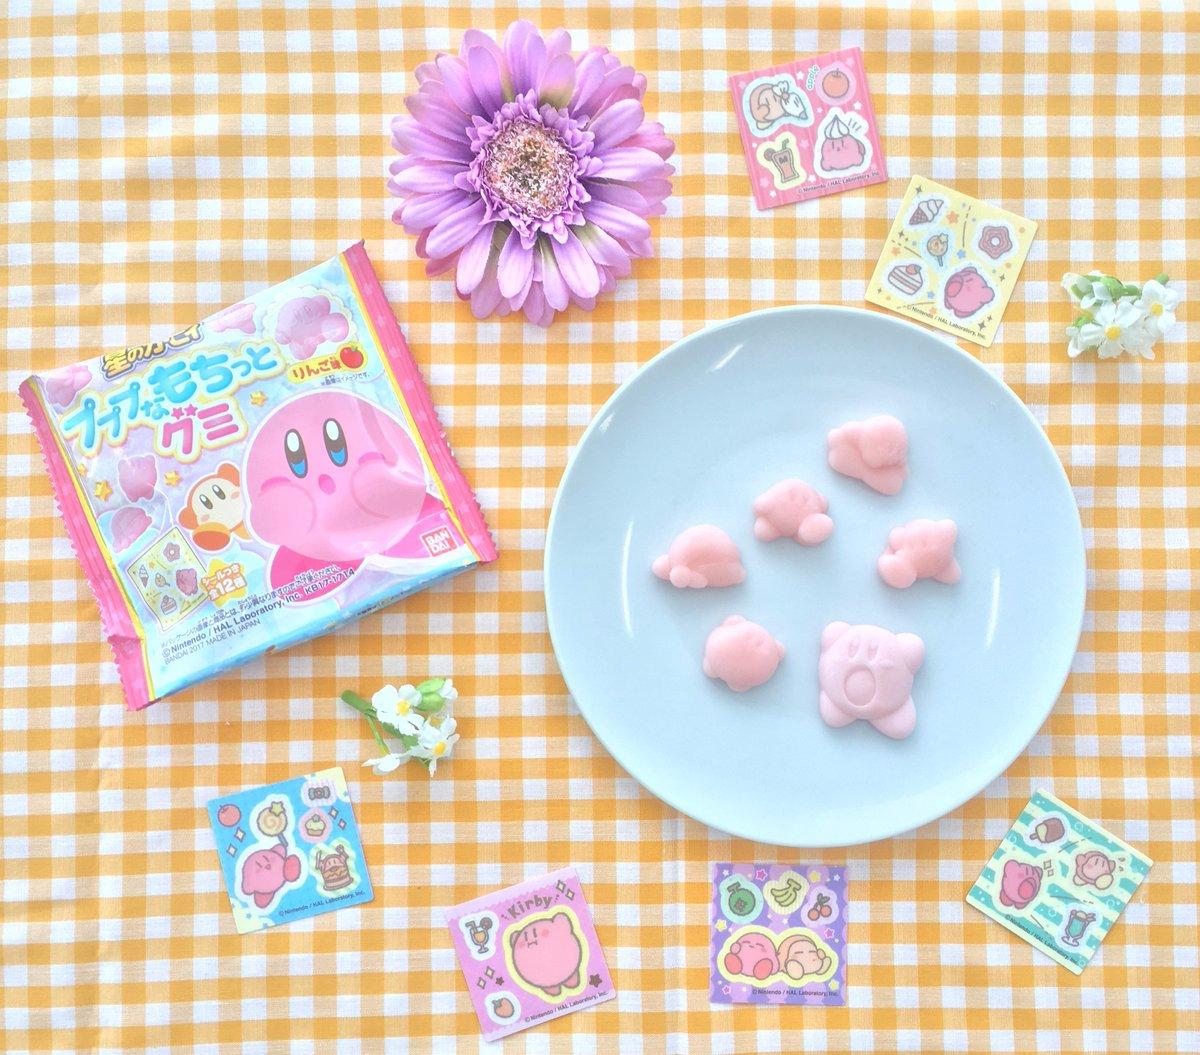 カービィの可愛らしいグミ『星のカービィ プププなもちっとグミ』が今日8月8日から発売!